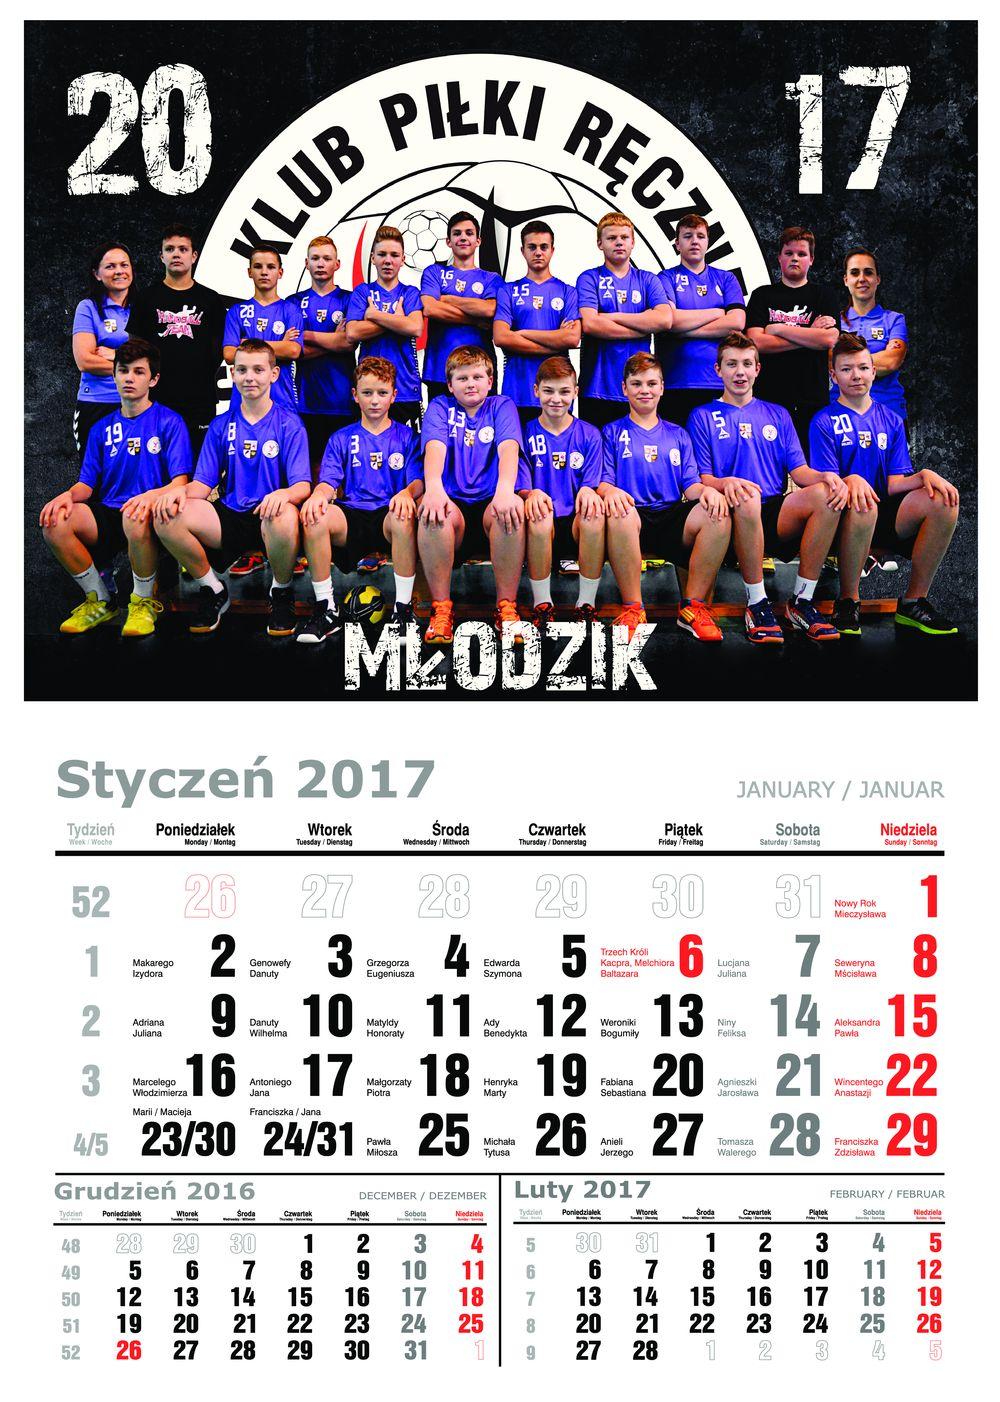 kalendarz mlodzik